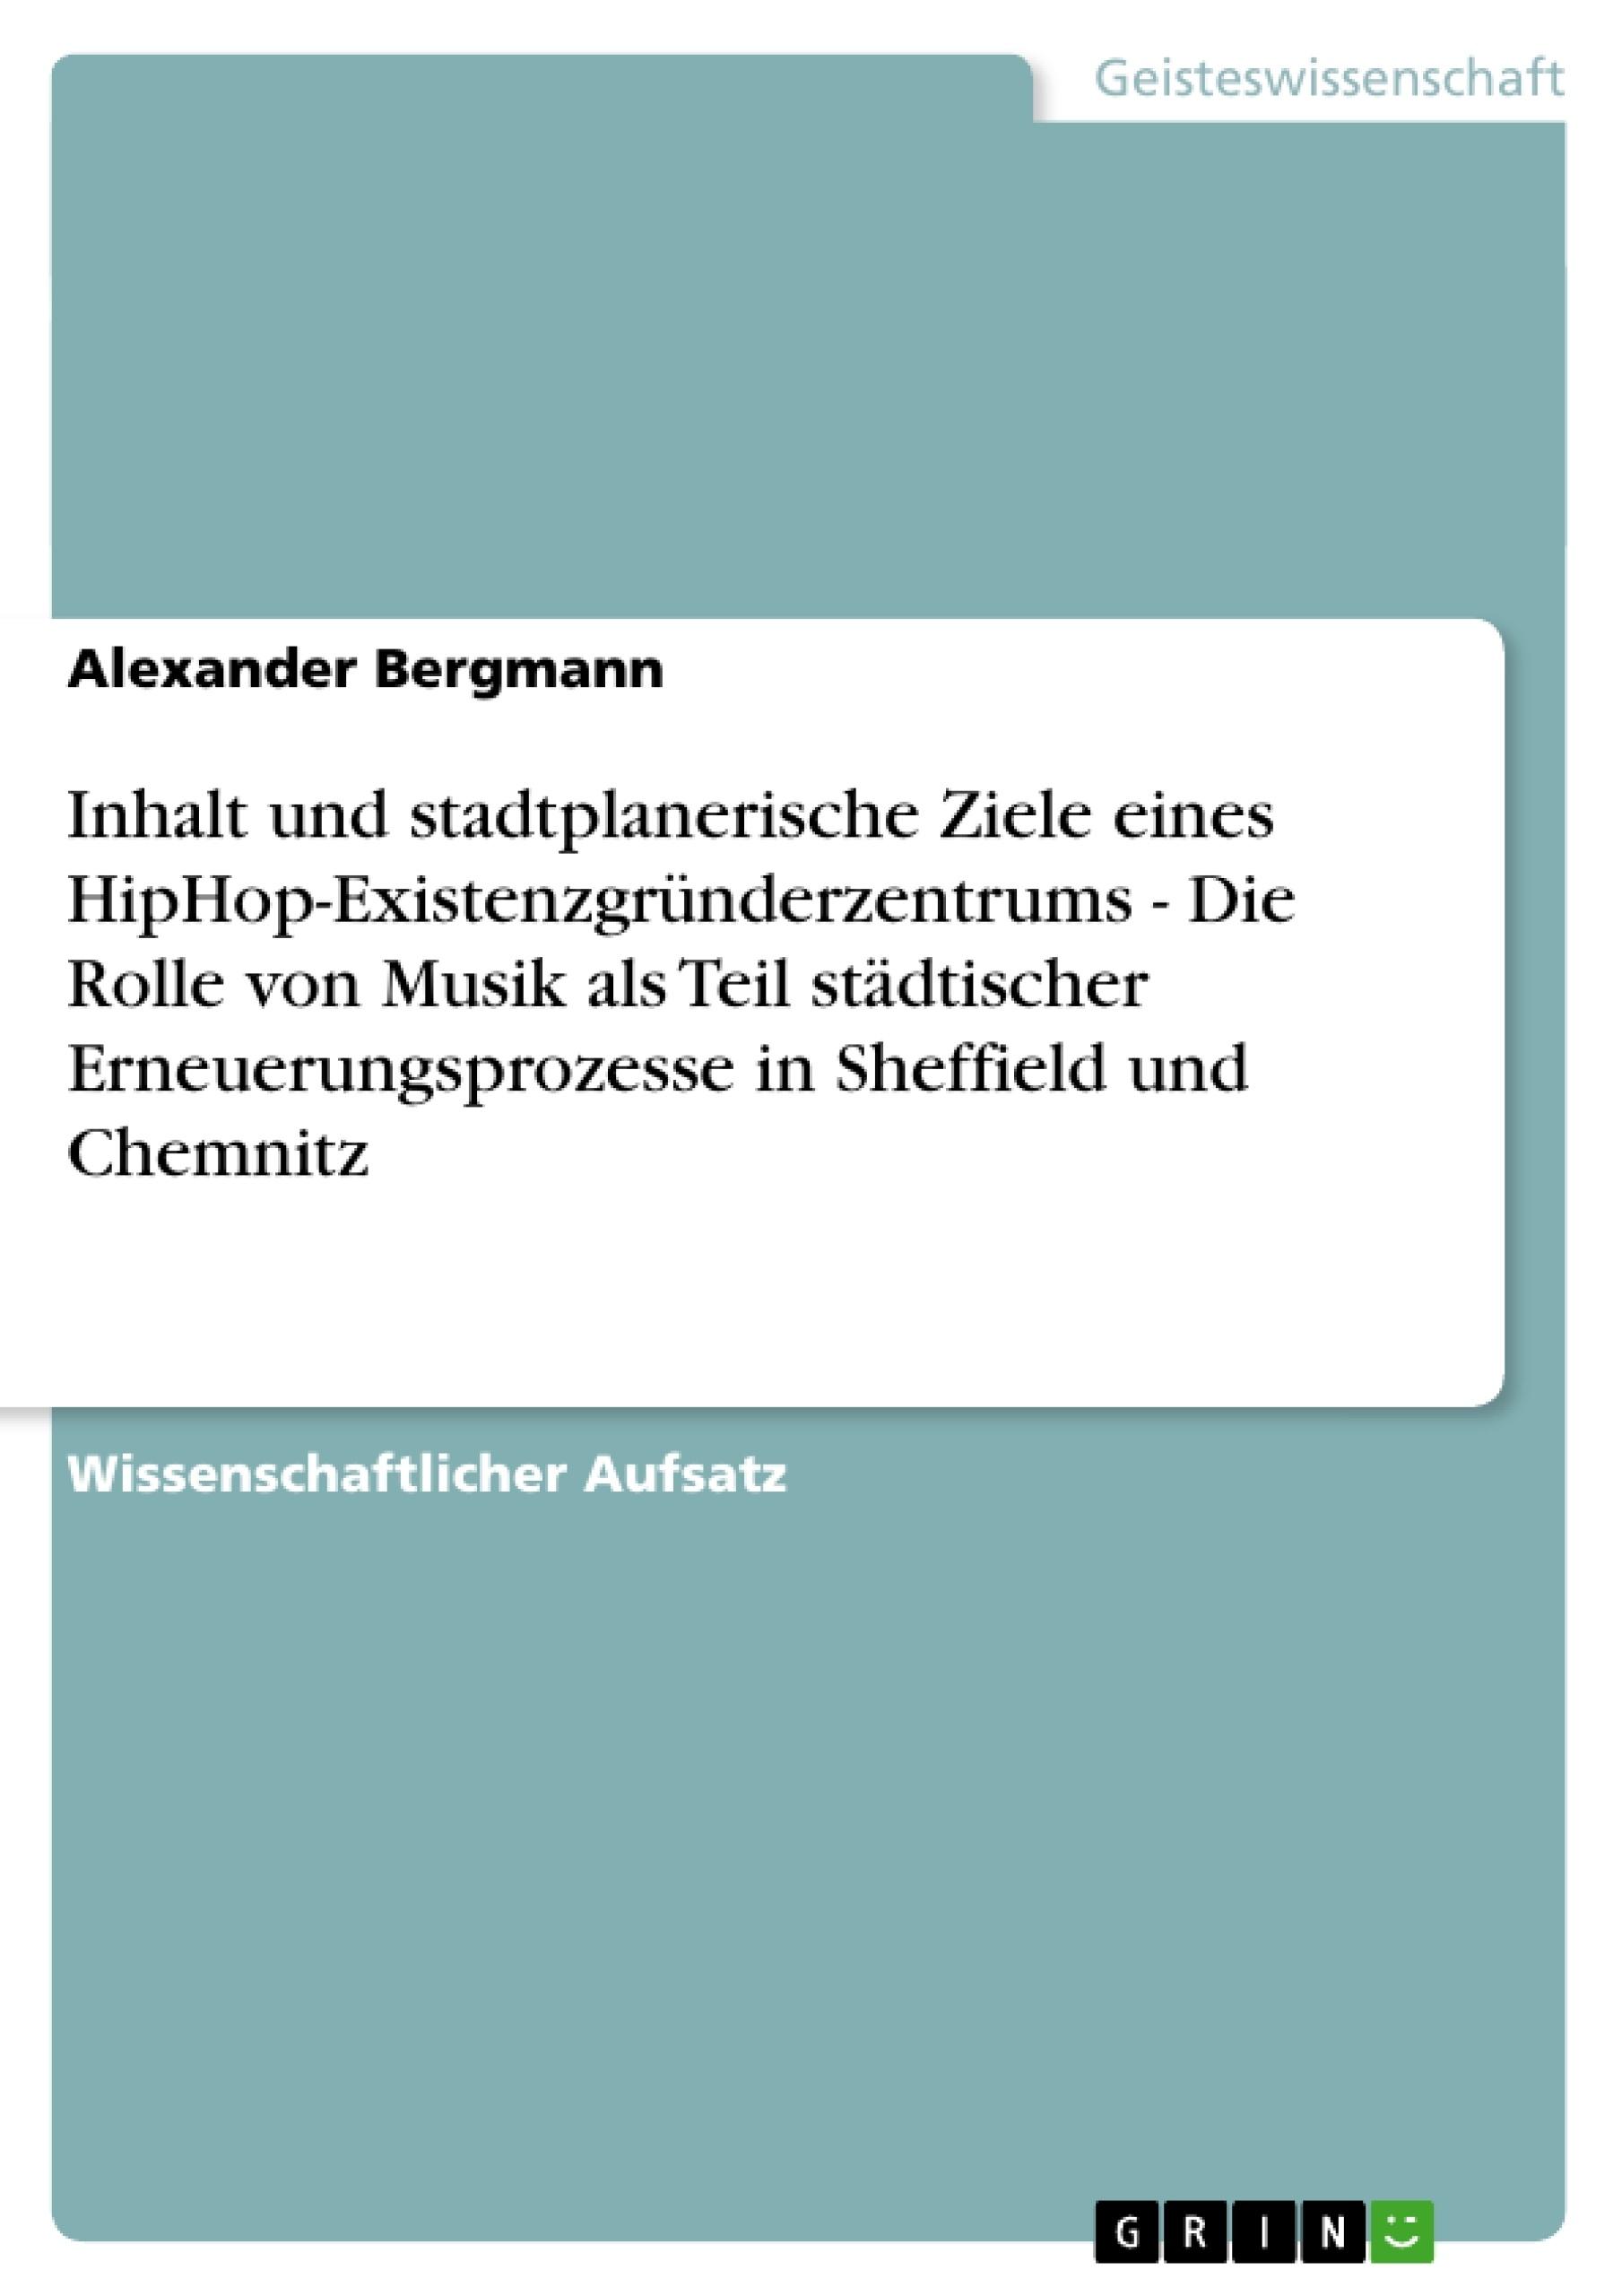 Titel: Inhalt und stadtplanerische Ziele eines HipHop-Existenzgründerzentrums - Die Rolle von Musik als Teil städtischer Erneuerungsprozesse in Sheffield und Chemnitz